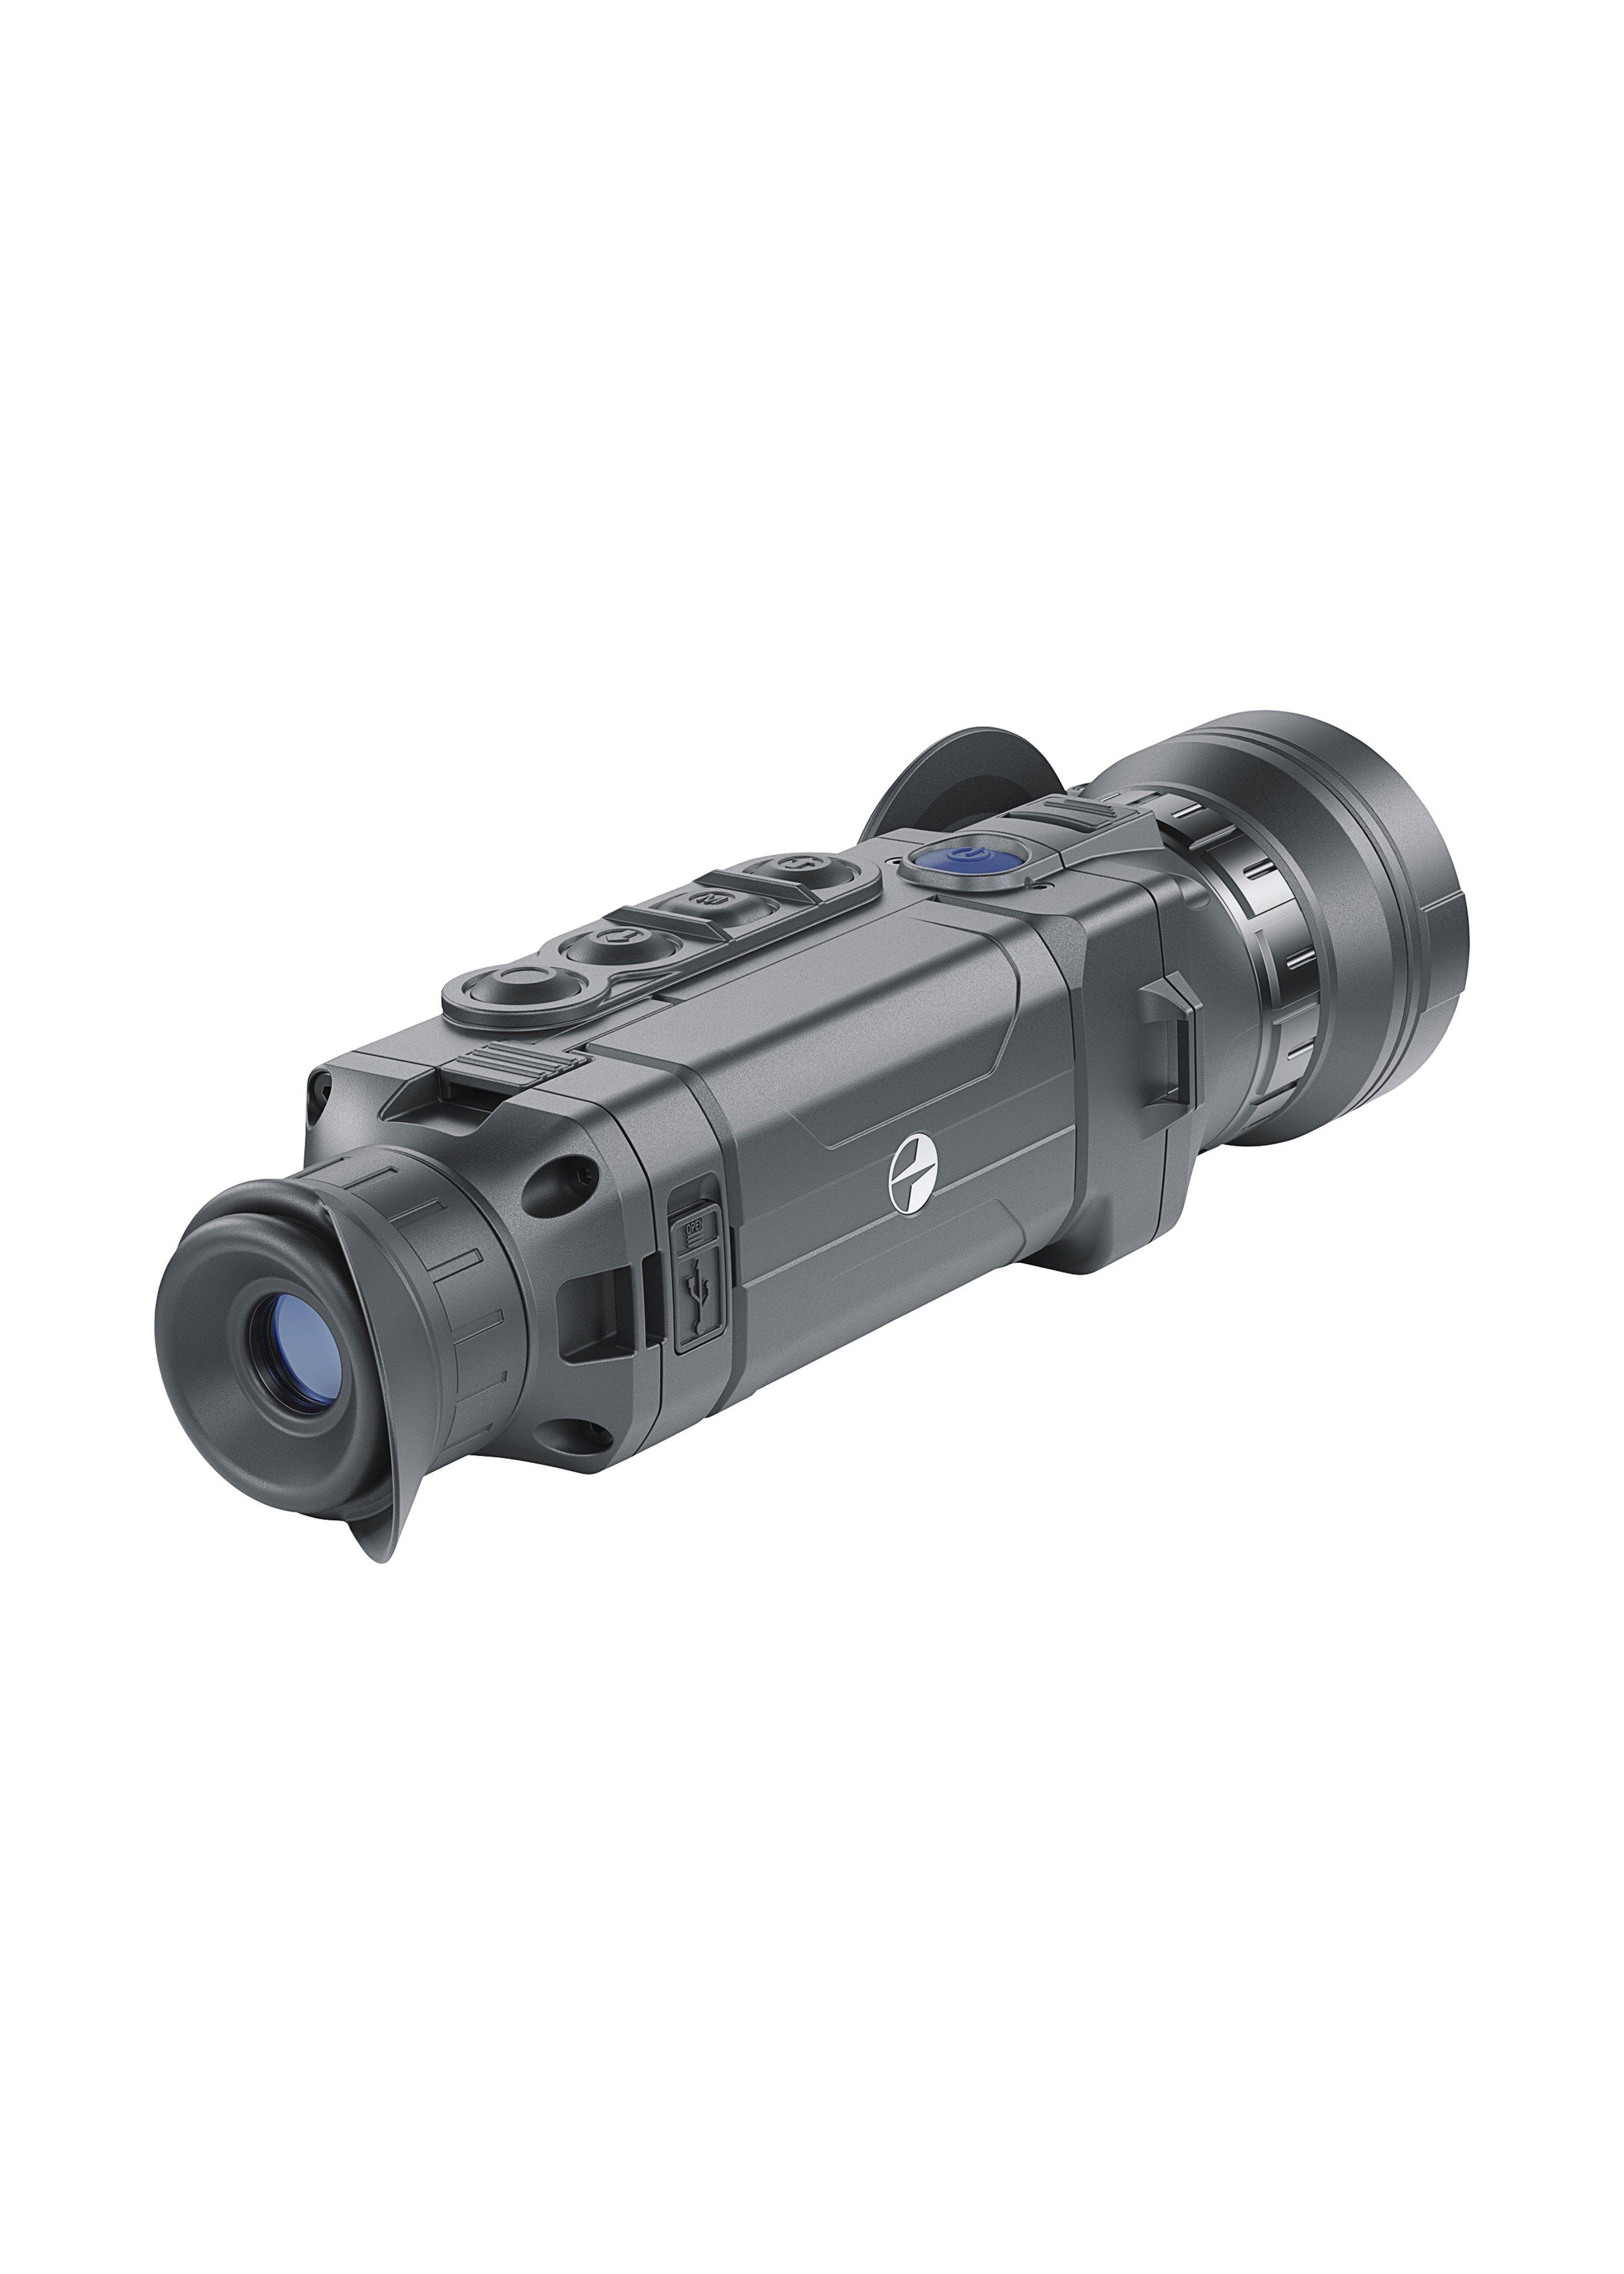 Caméra thermique Helion-2 XP50 199910 2